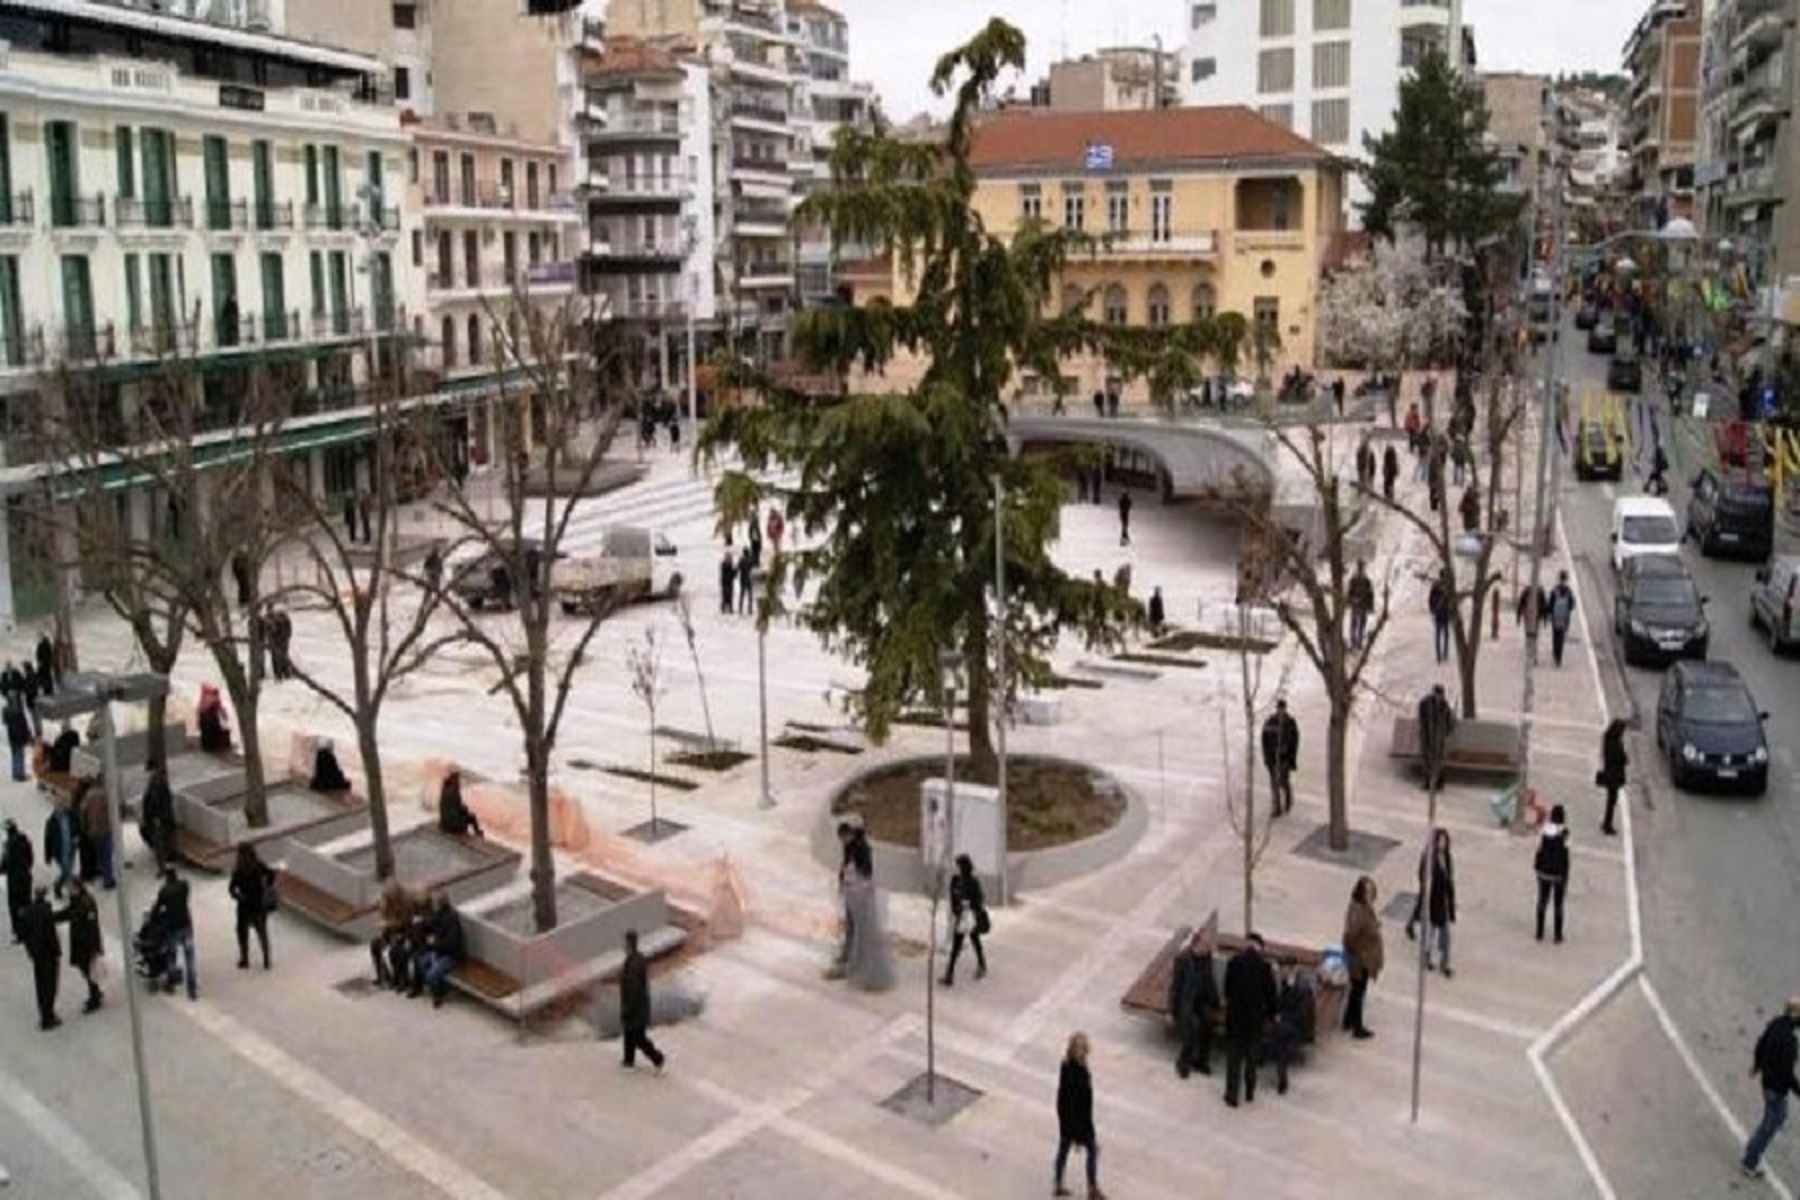 Κοζάνη ΔΕΗ: Ο Δήμος υπογειοποιεί τα δίκτυα από το 1992 λόγω των καιρικών φαινομένων